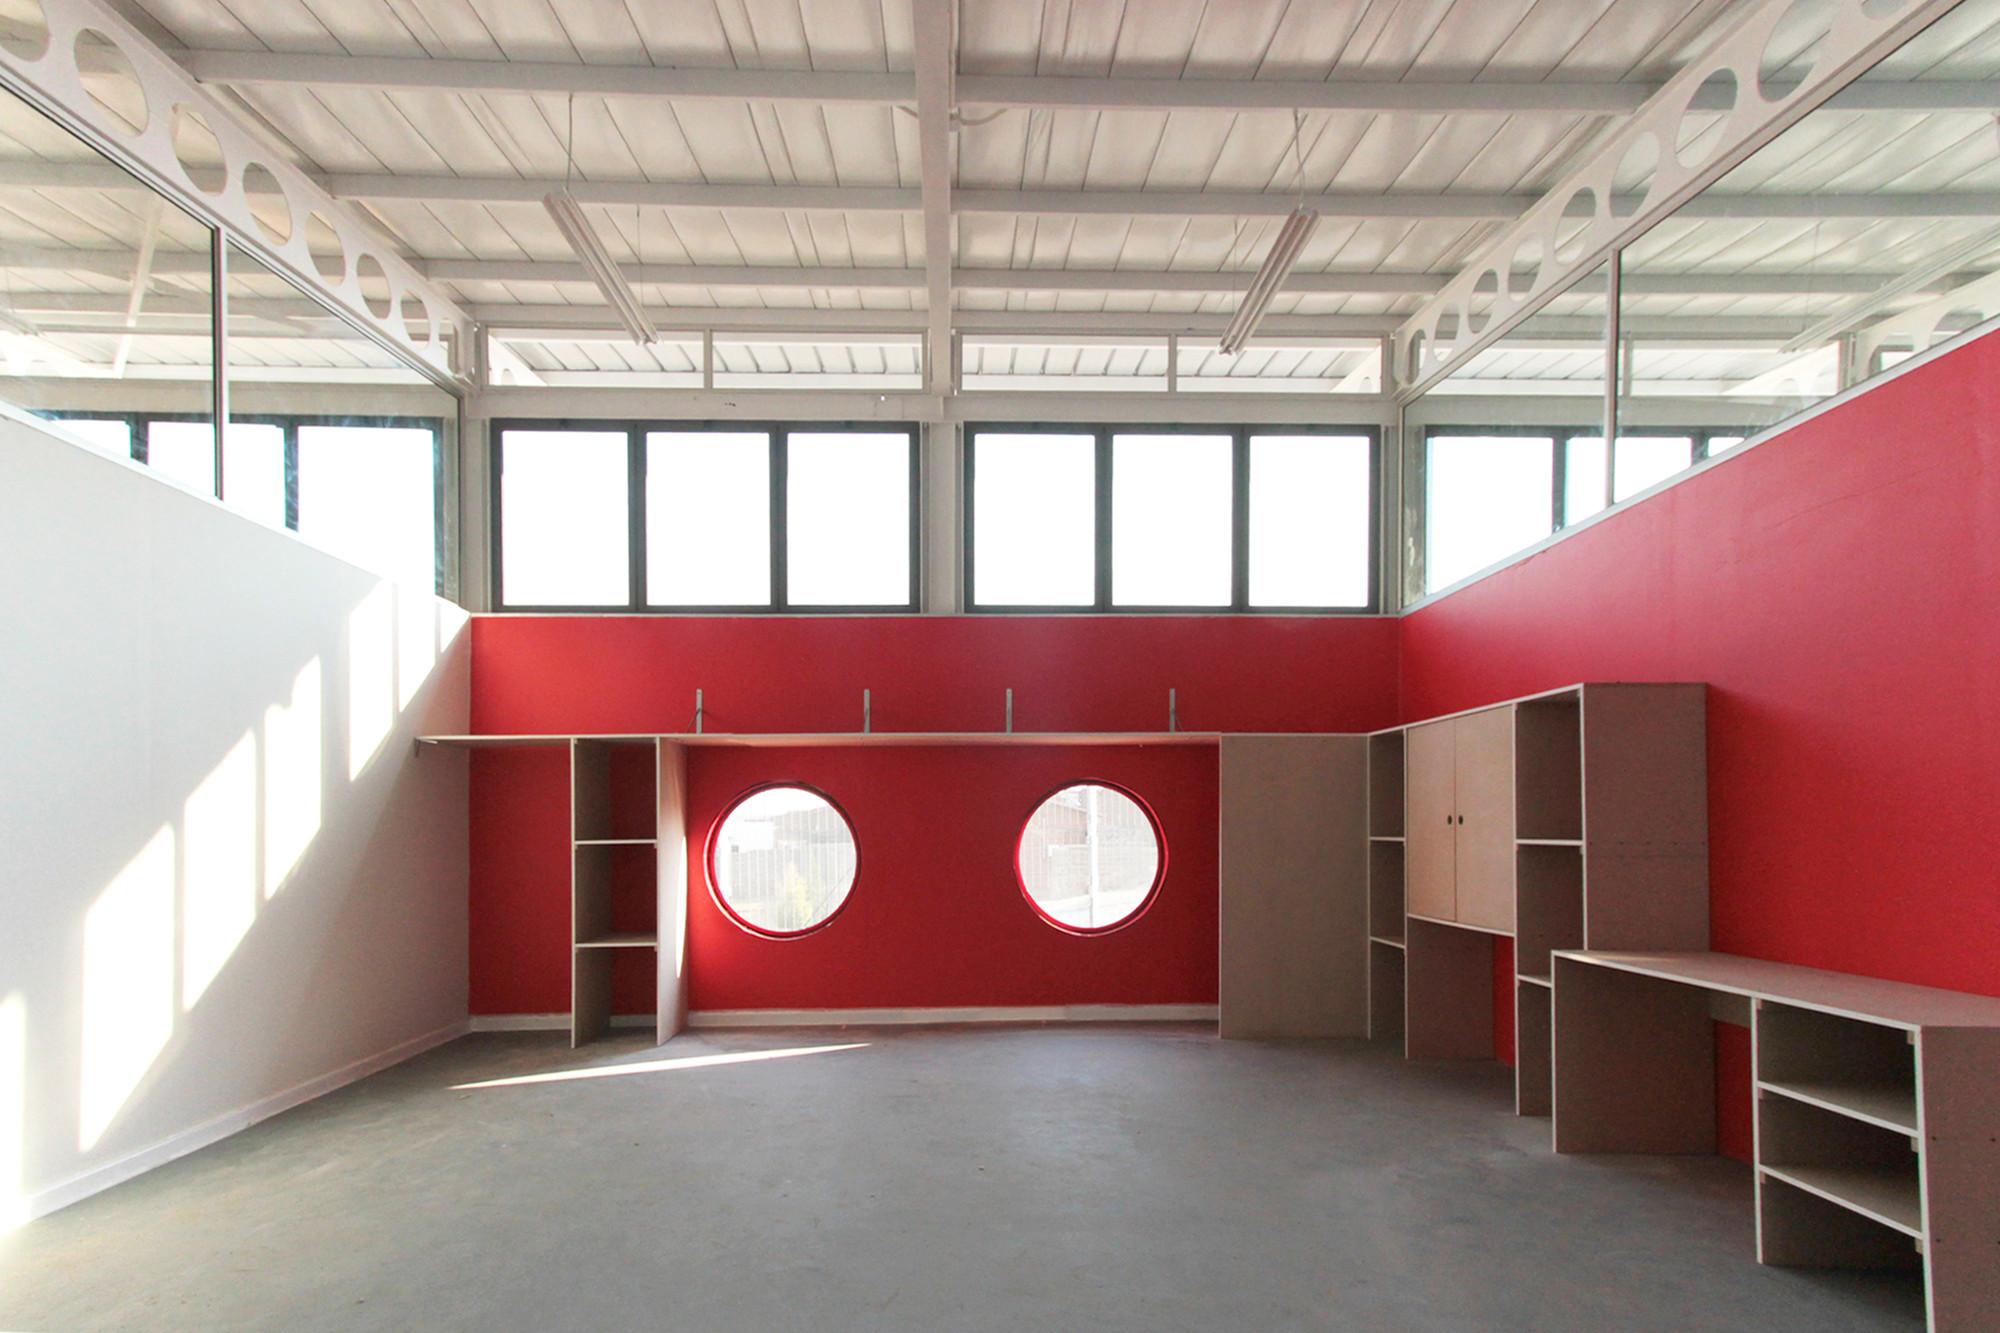 Gallery of the armadillo cr che cornell university - Cornell university interior design program ...